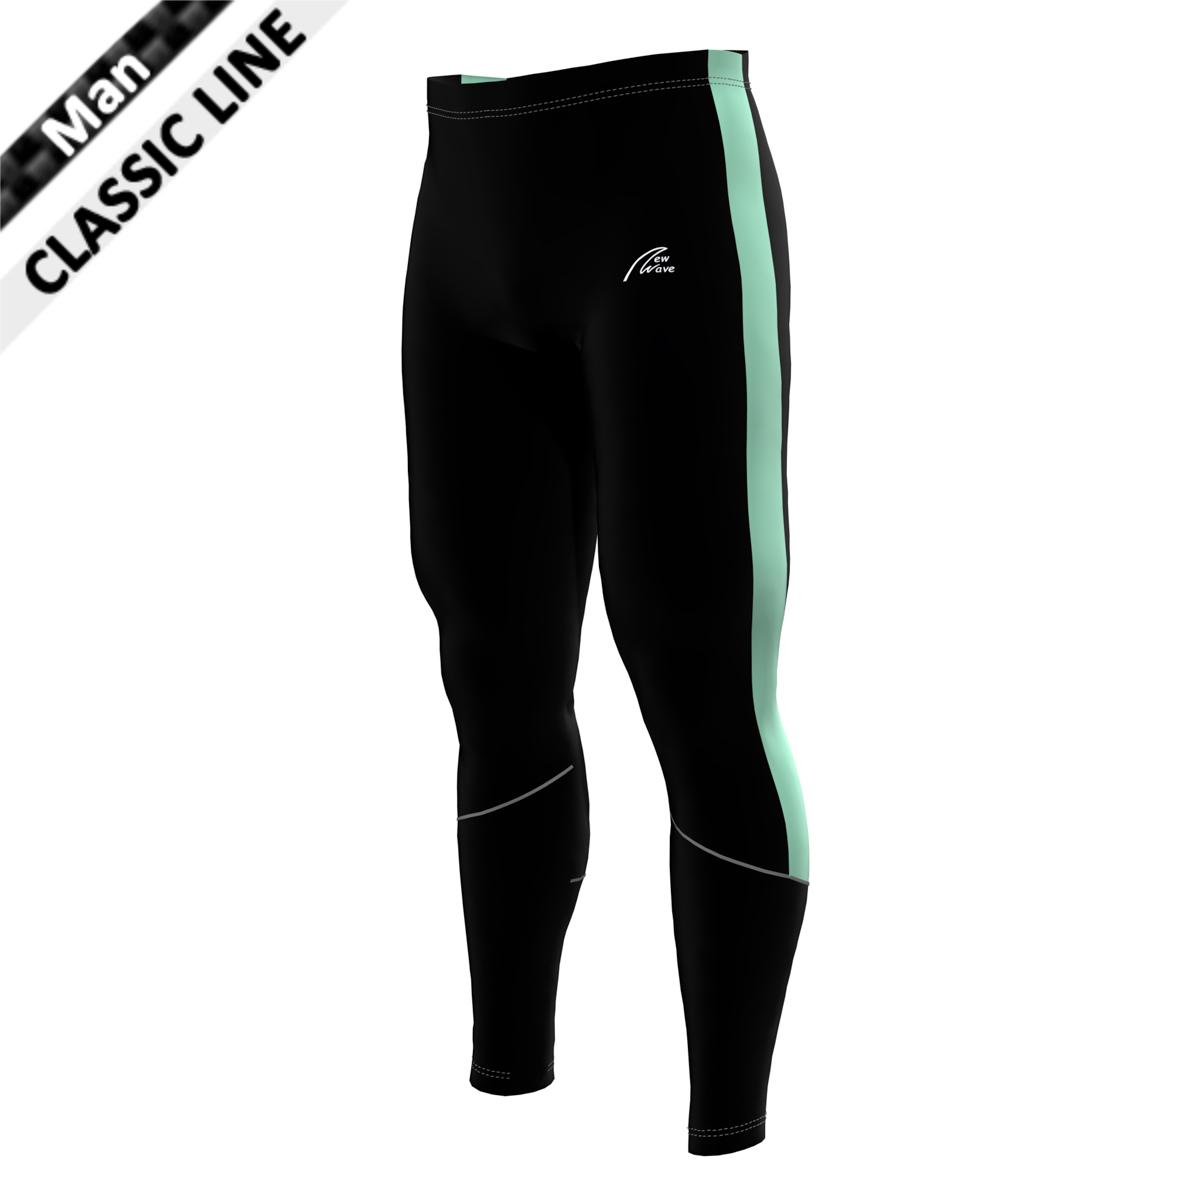 Coloured Side Stripe Tights - schwarz/mint; Hose schwarz, Seitenstreifen mint